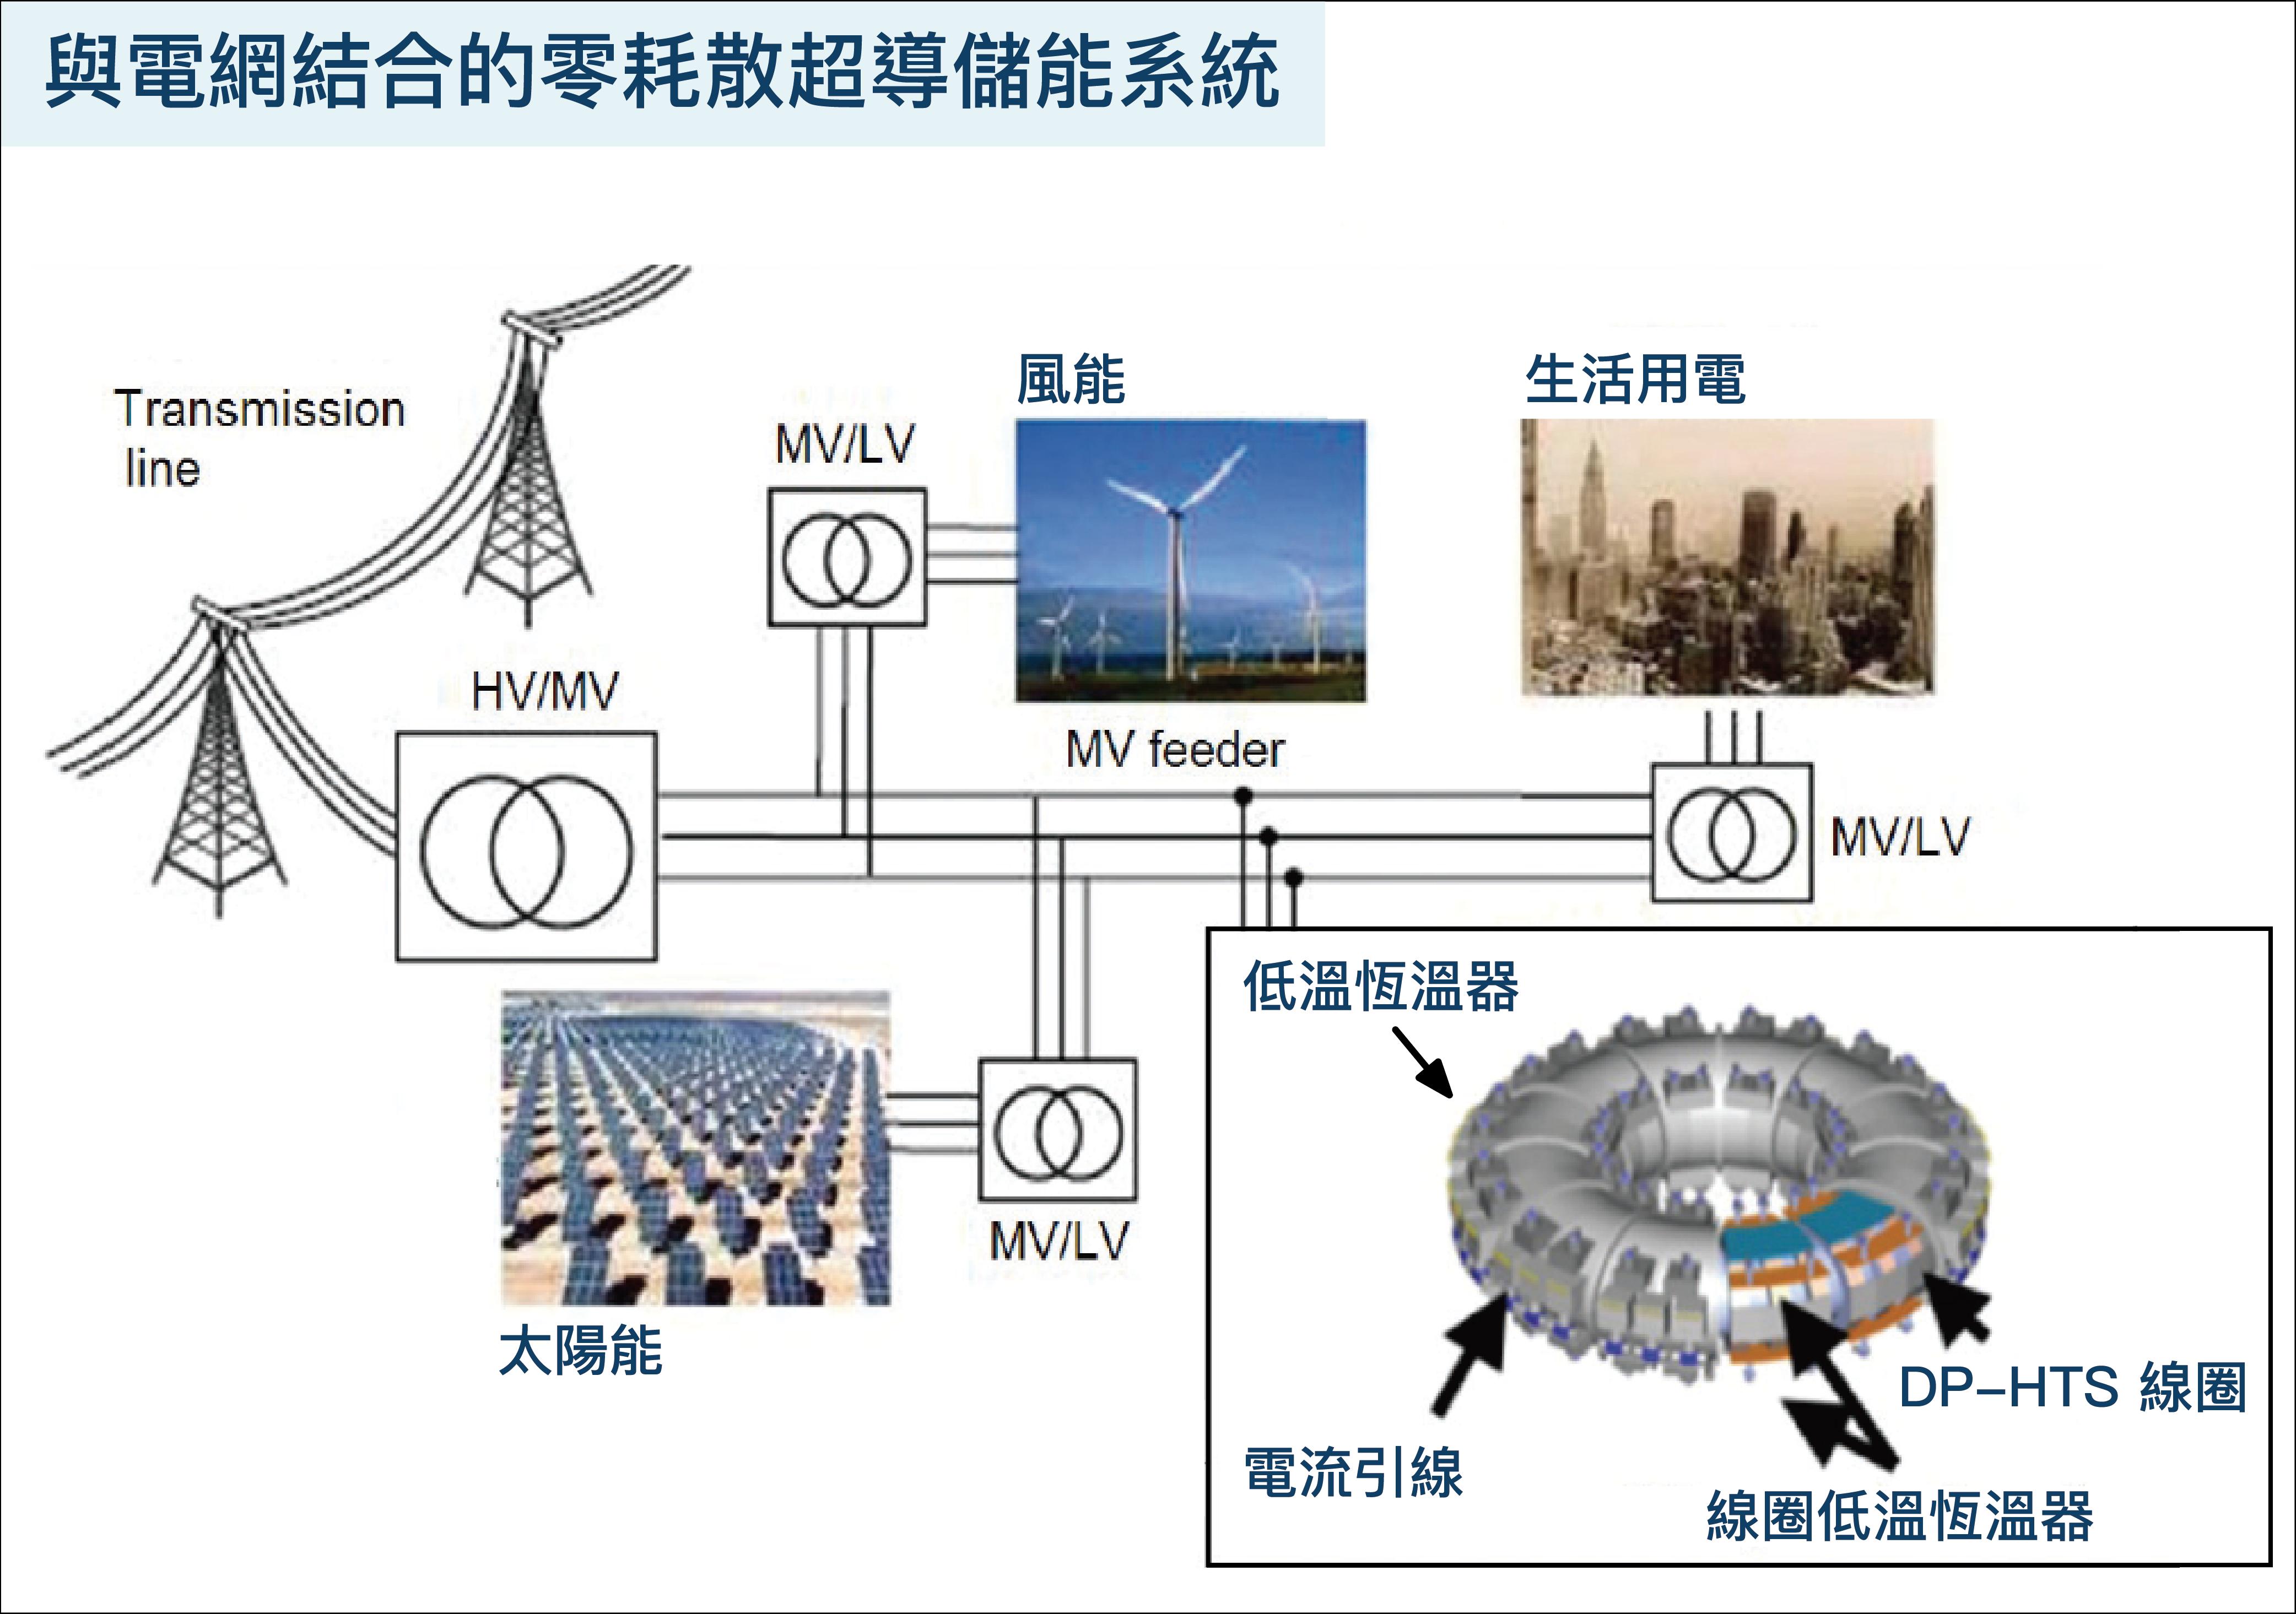 運用超導材料繞成線圈的儲能器,運用零電阻的優勢,可以將再生能源發出多餘的電力儲存在裡面,需要時再拿出來使用。 資料來源│Why the wind industry should cheer superconductivity 圖說重製│柯旂、張語辰